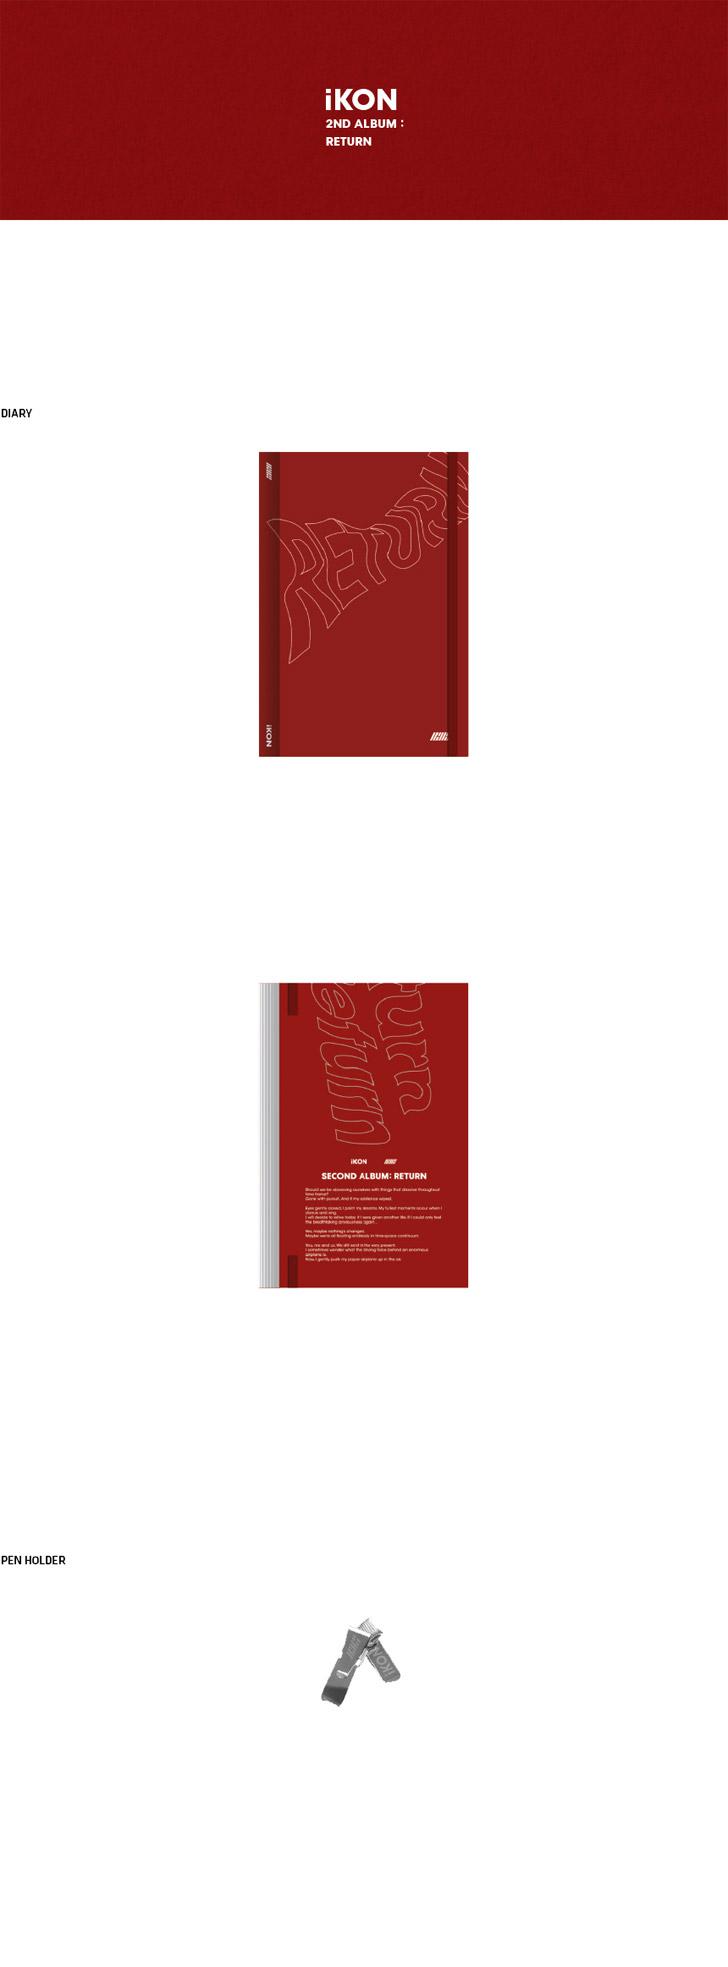 iKON Return Diary & Pen Holder